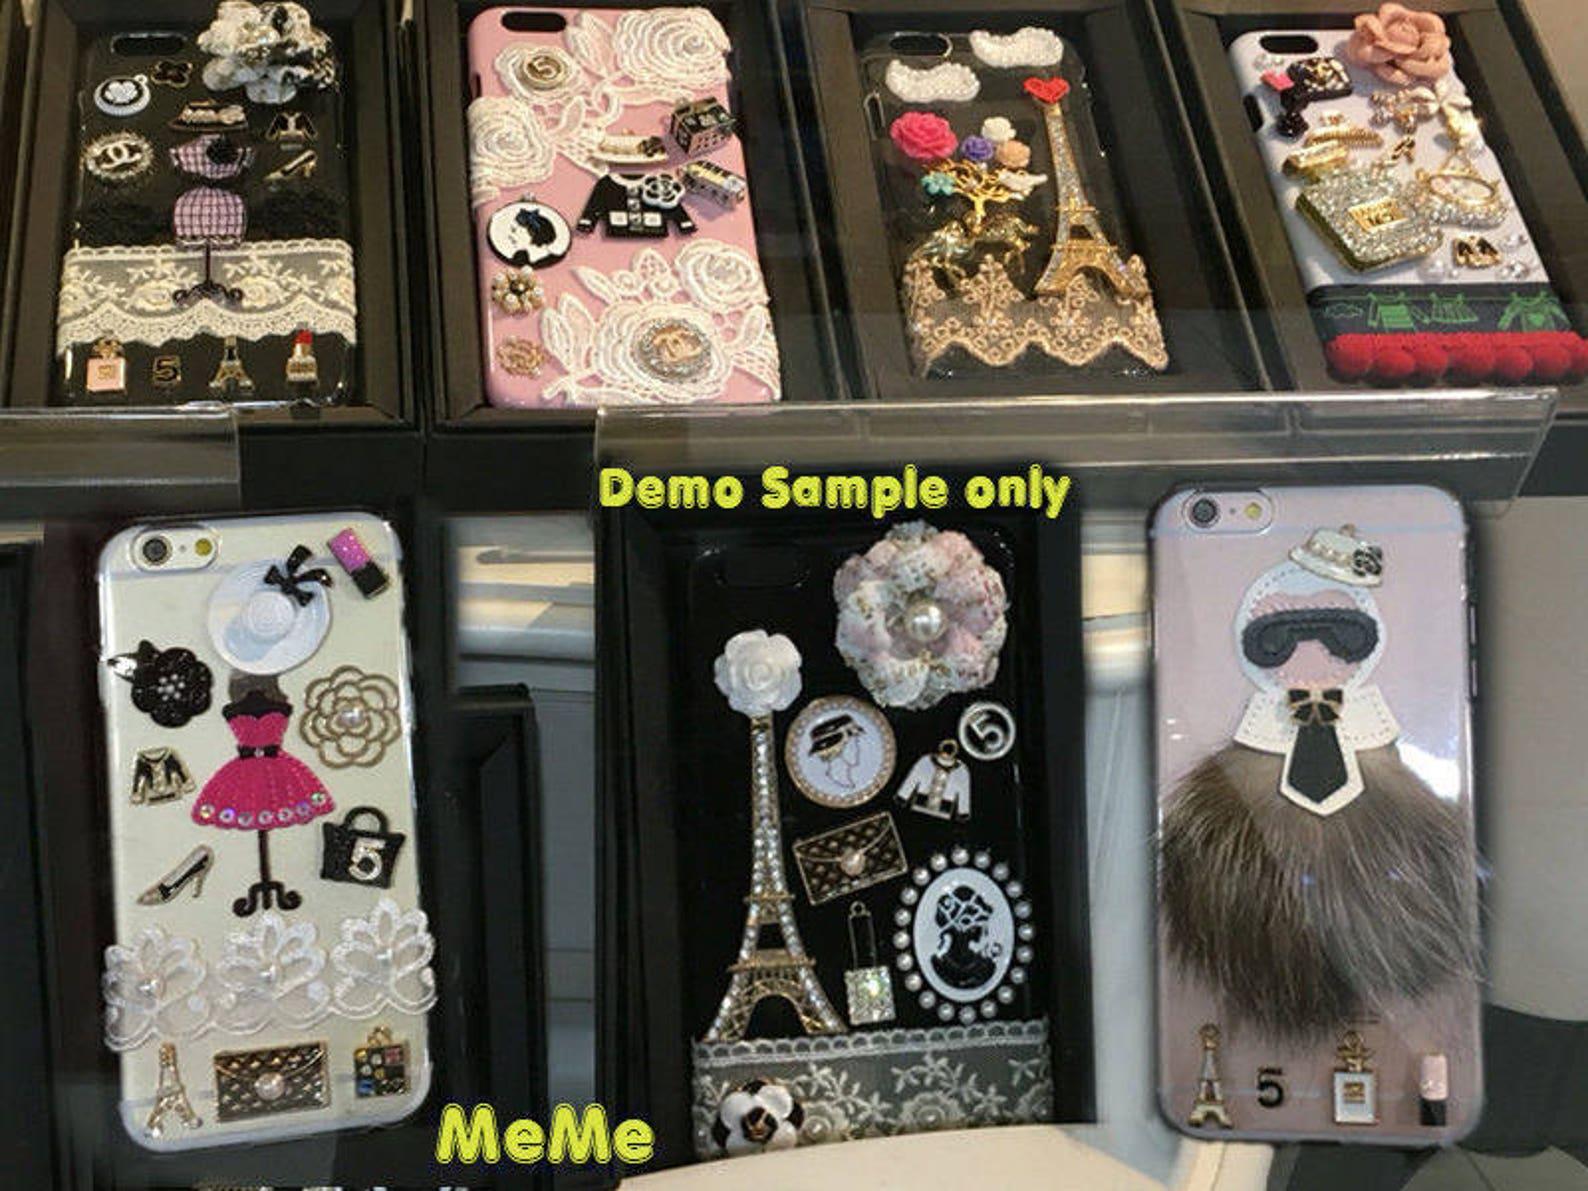 1 set 7 pcs charms pink alloy alice ballet shoe kawaii bracelets pendants accessories studs cabochon deco den phone case diy dec